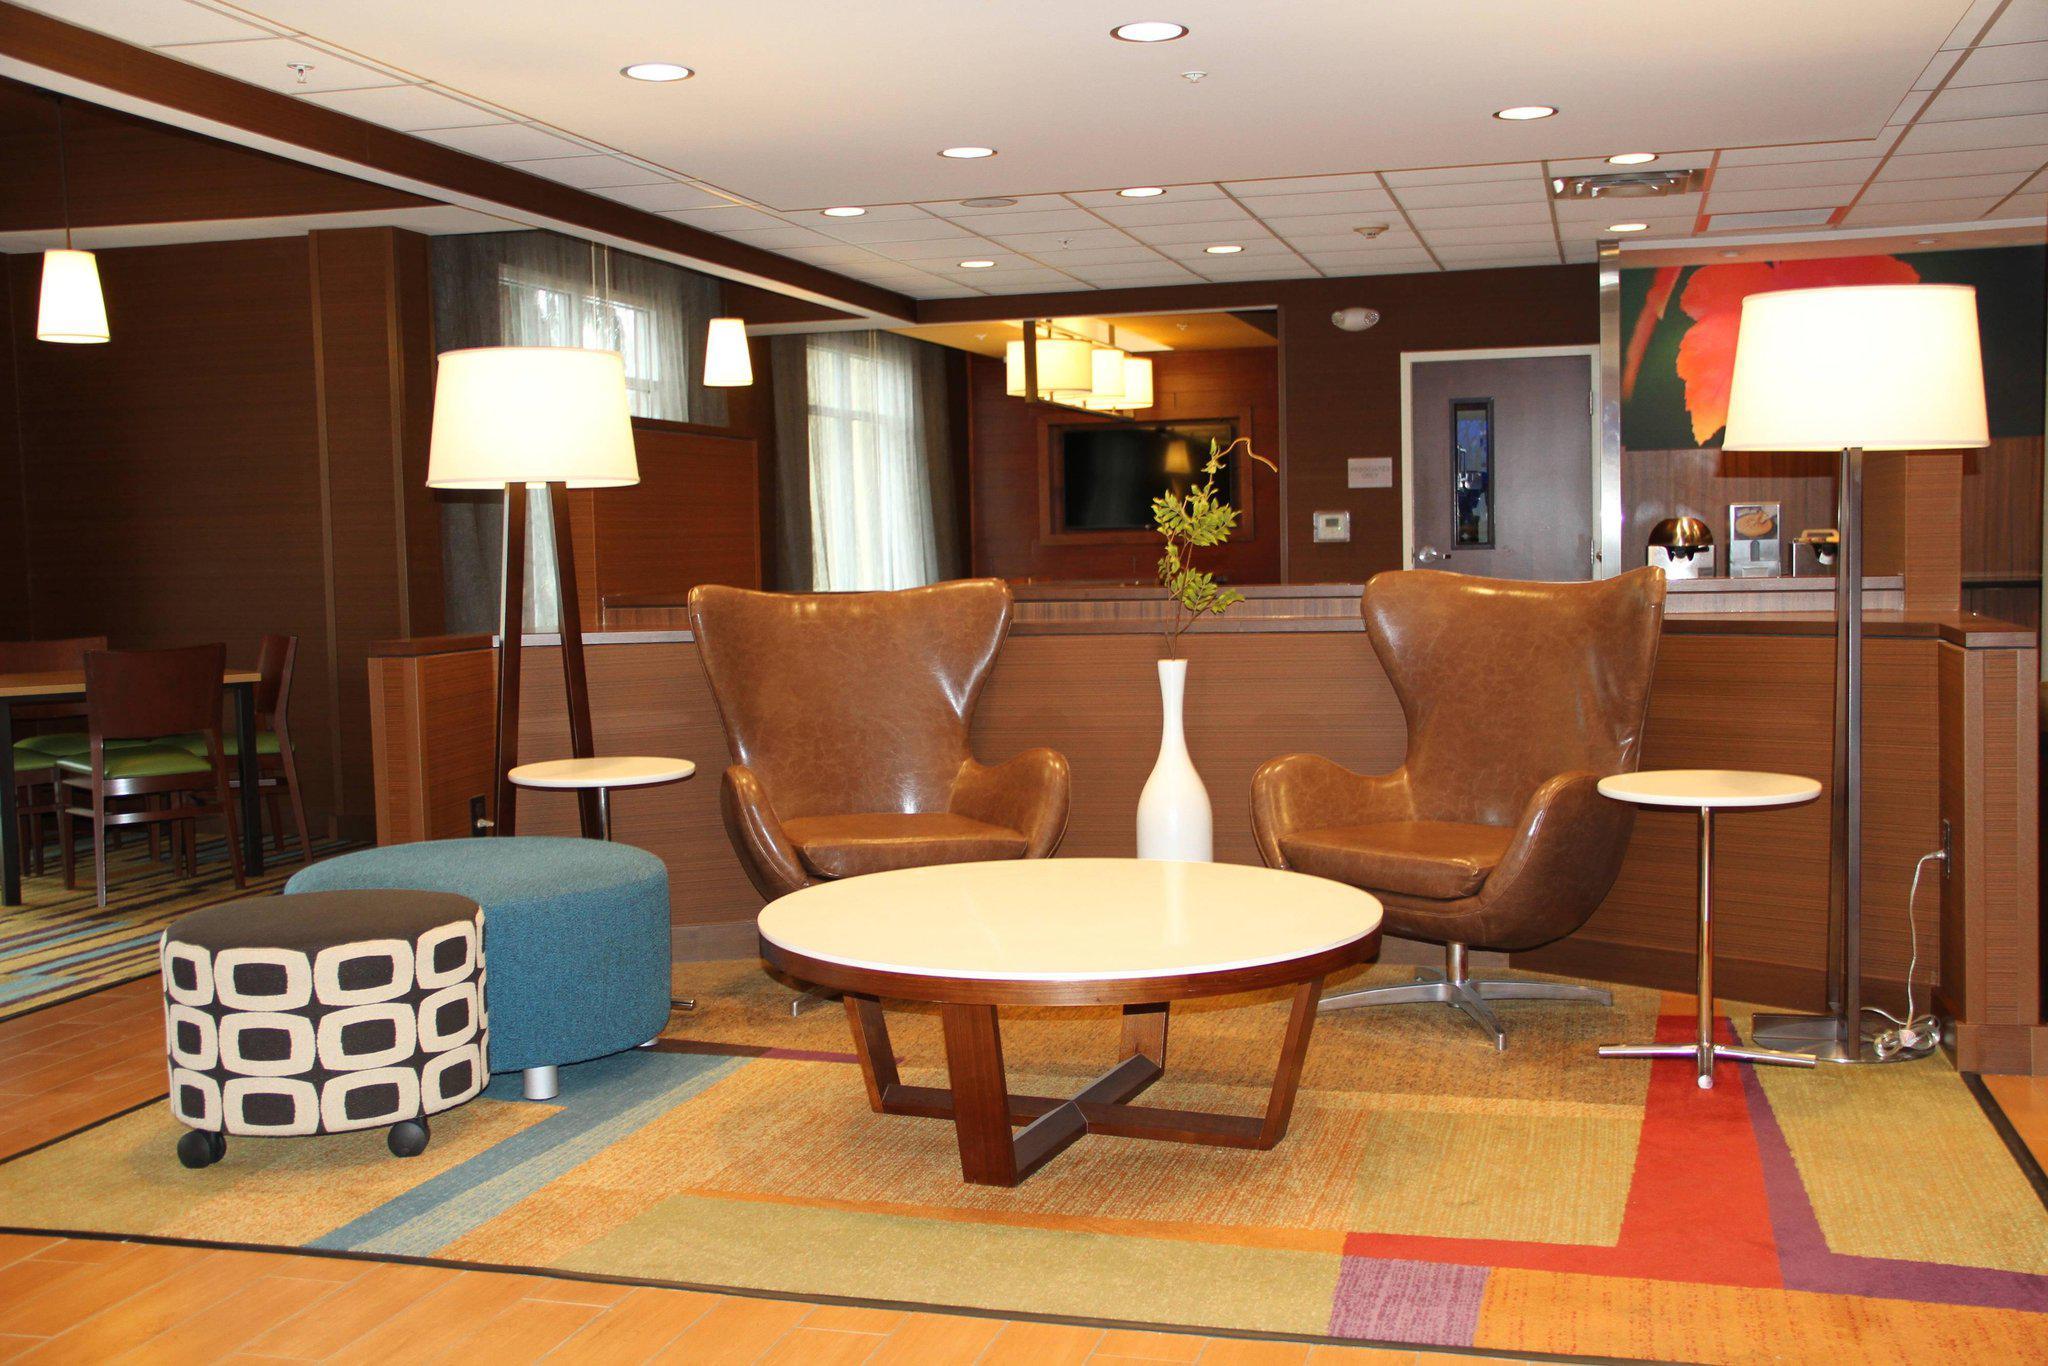 Fairfield Inn & Suites by Marriott Jonestown Lebanon Valley